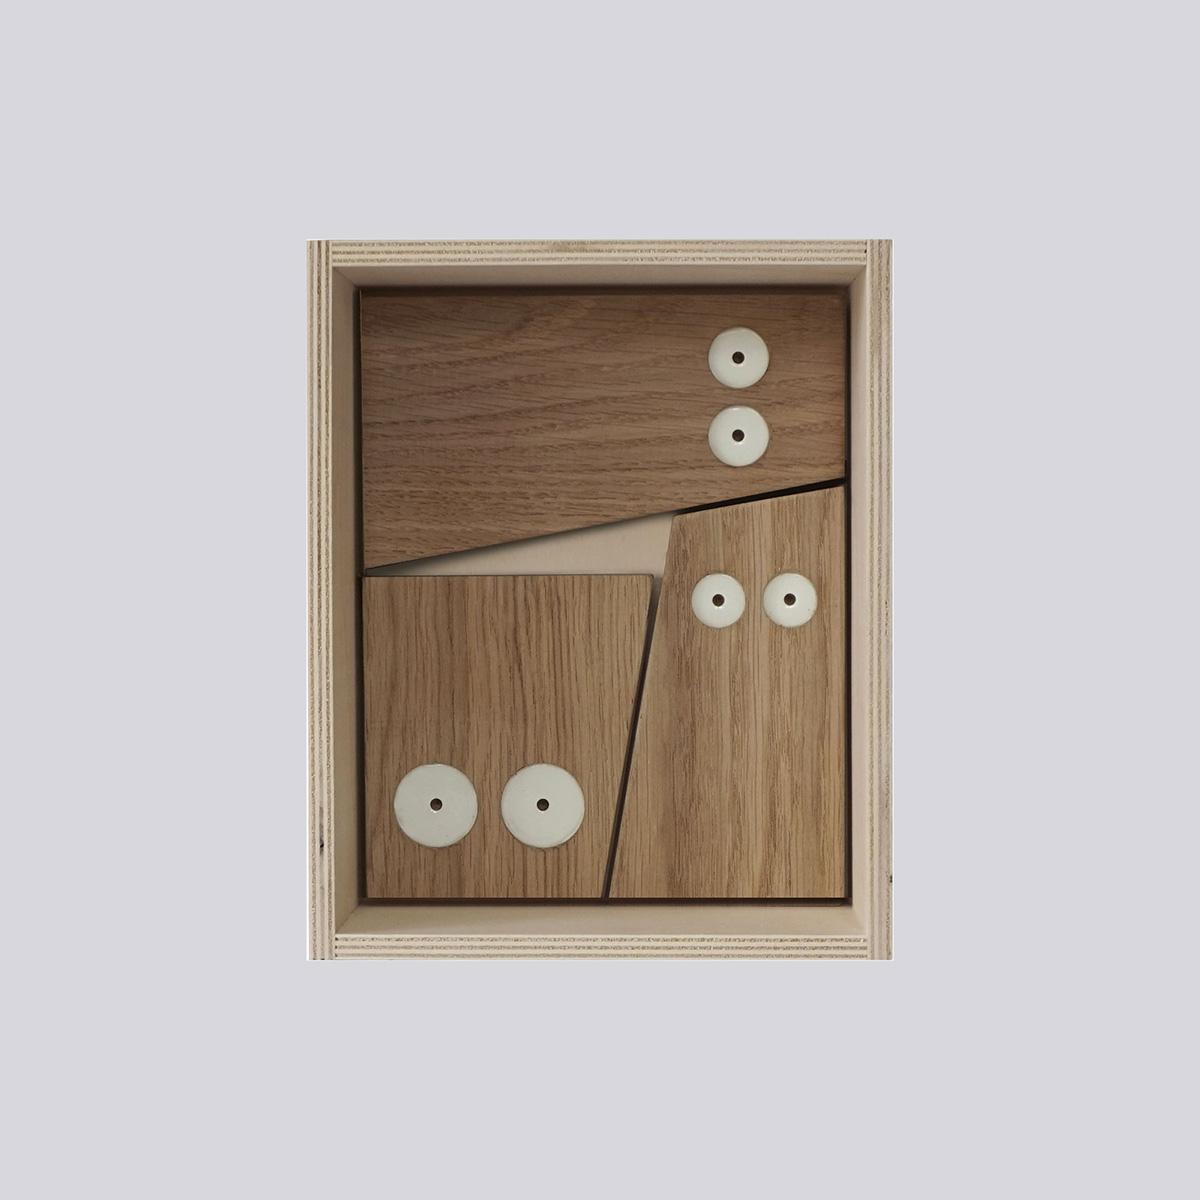 09-big-game-chouettes-designerbox